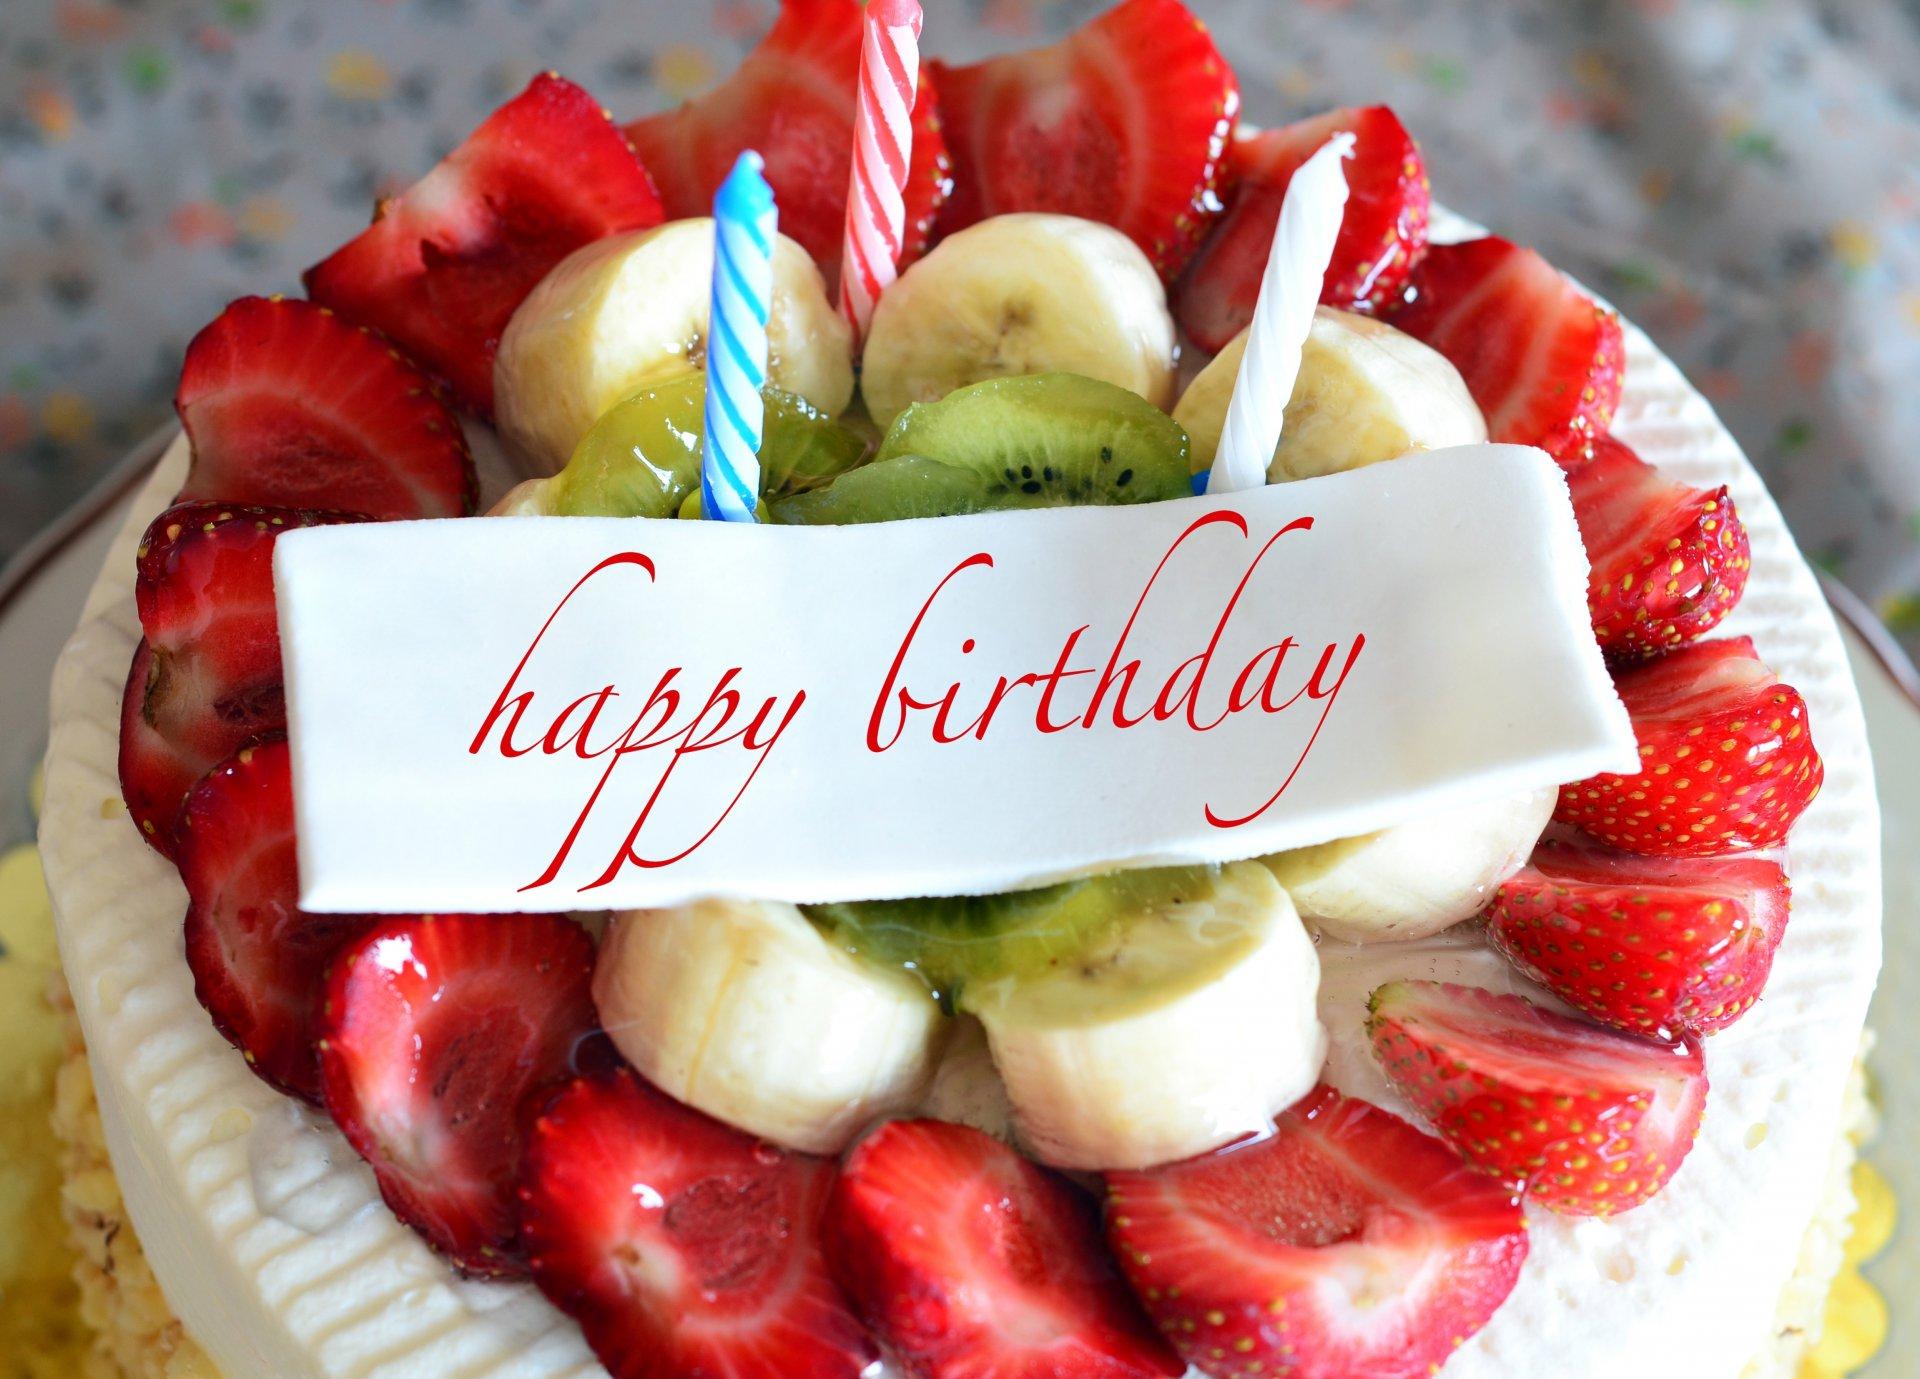 Открытка с днем рождения и торт, днем рождения